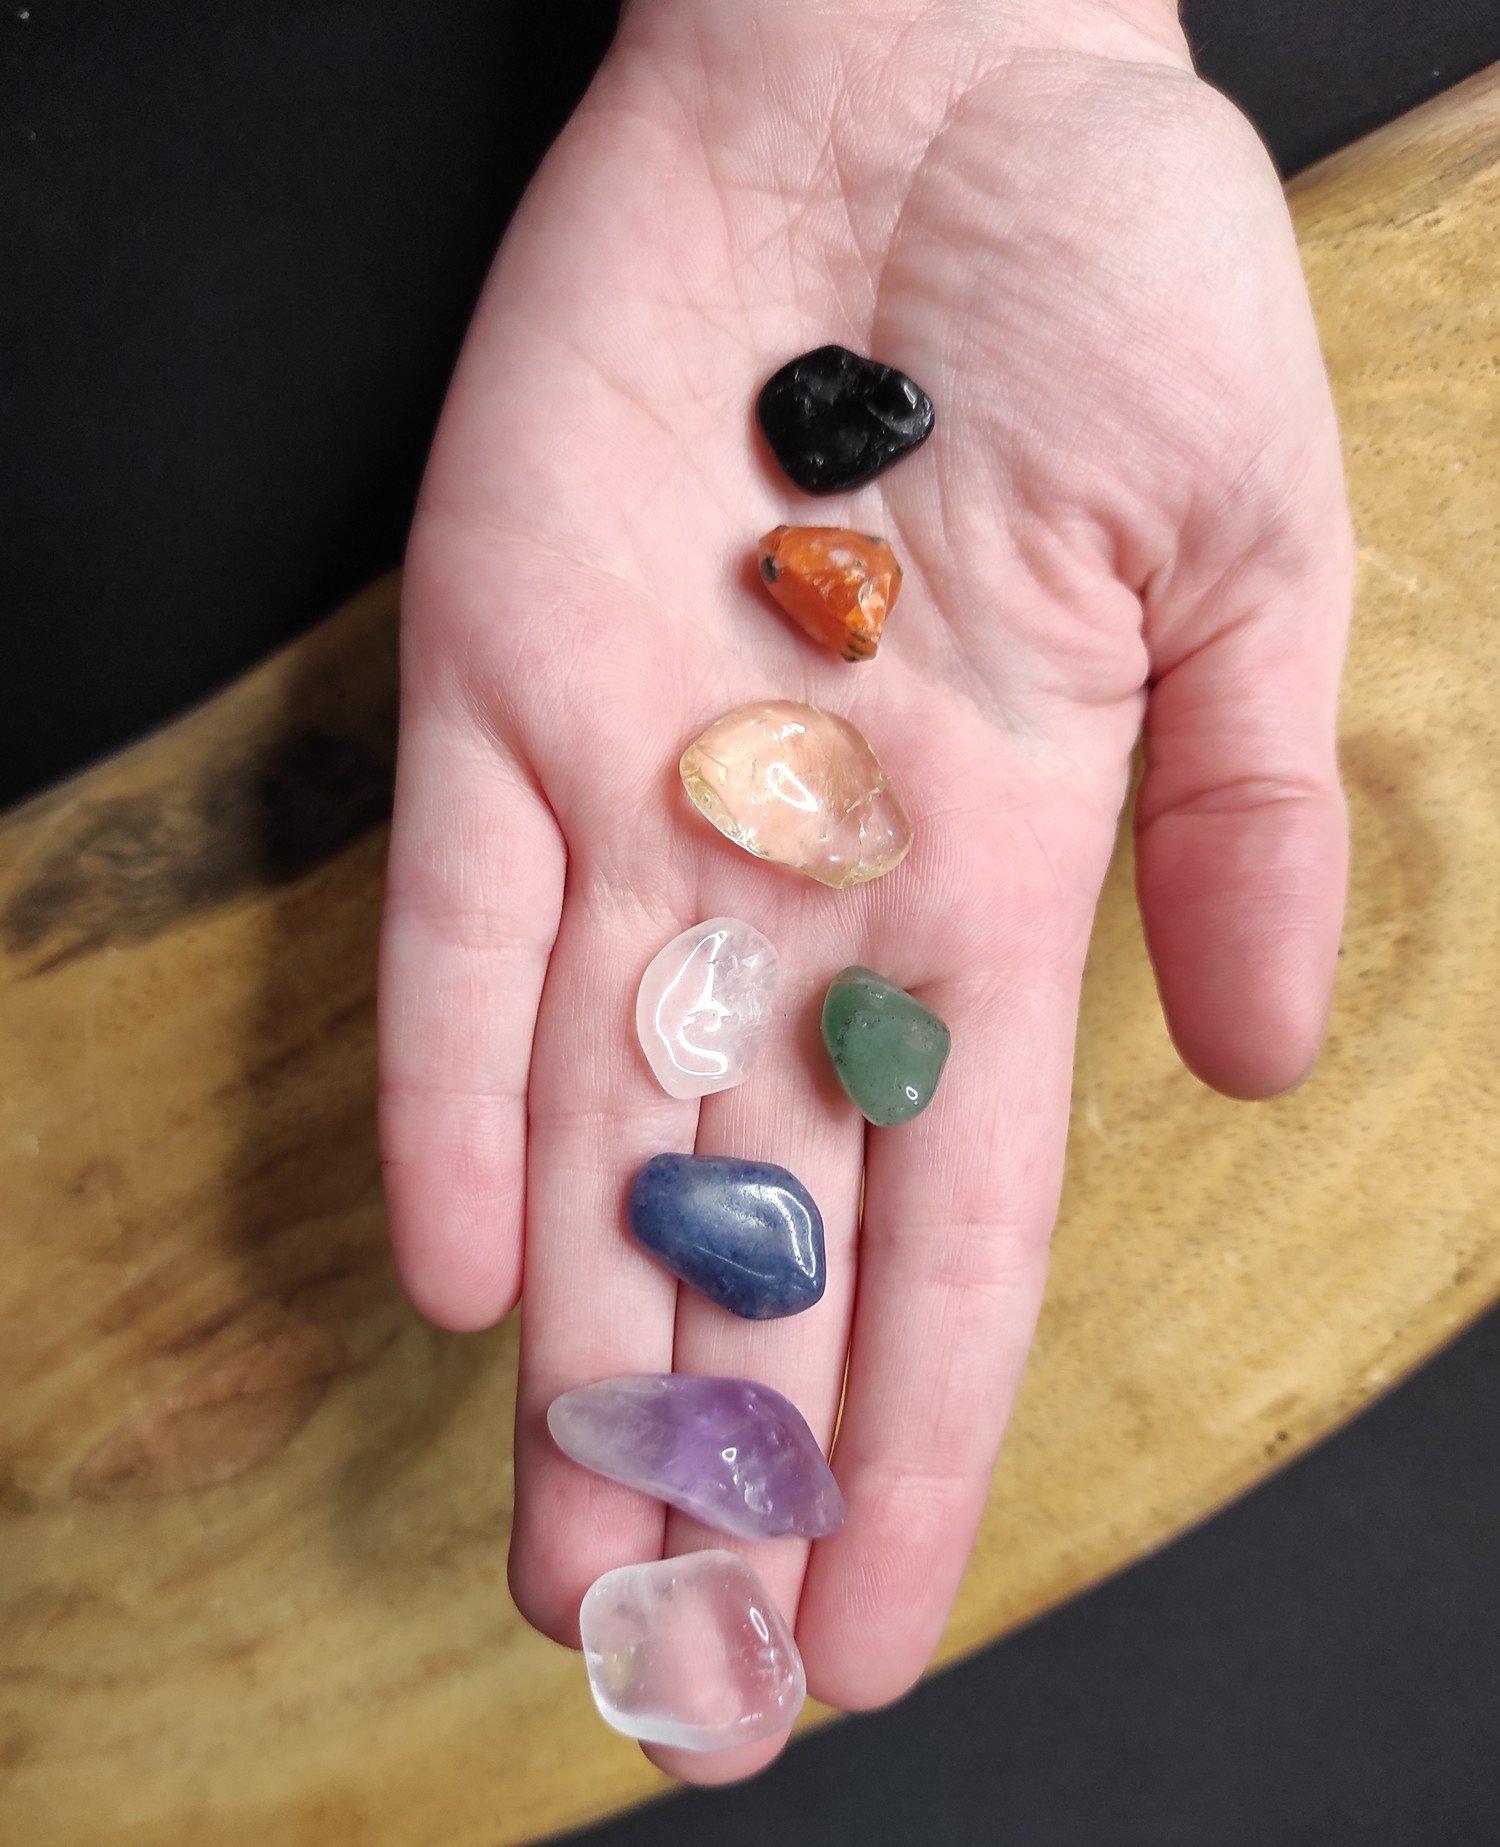 Pedras dos sete chakras mini kit chakras c/ 8 pedras dos chakras roladas